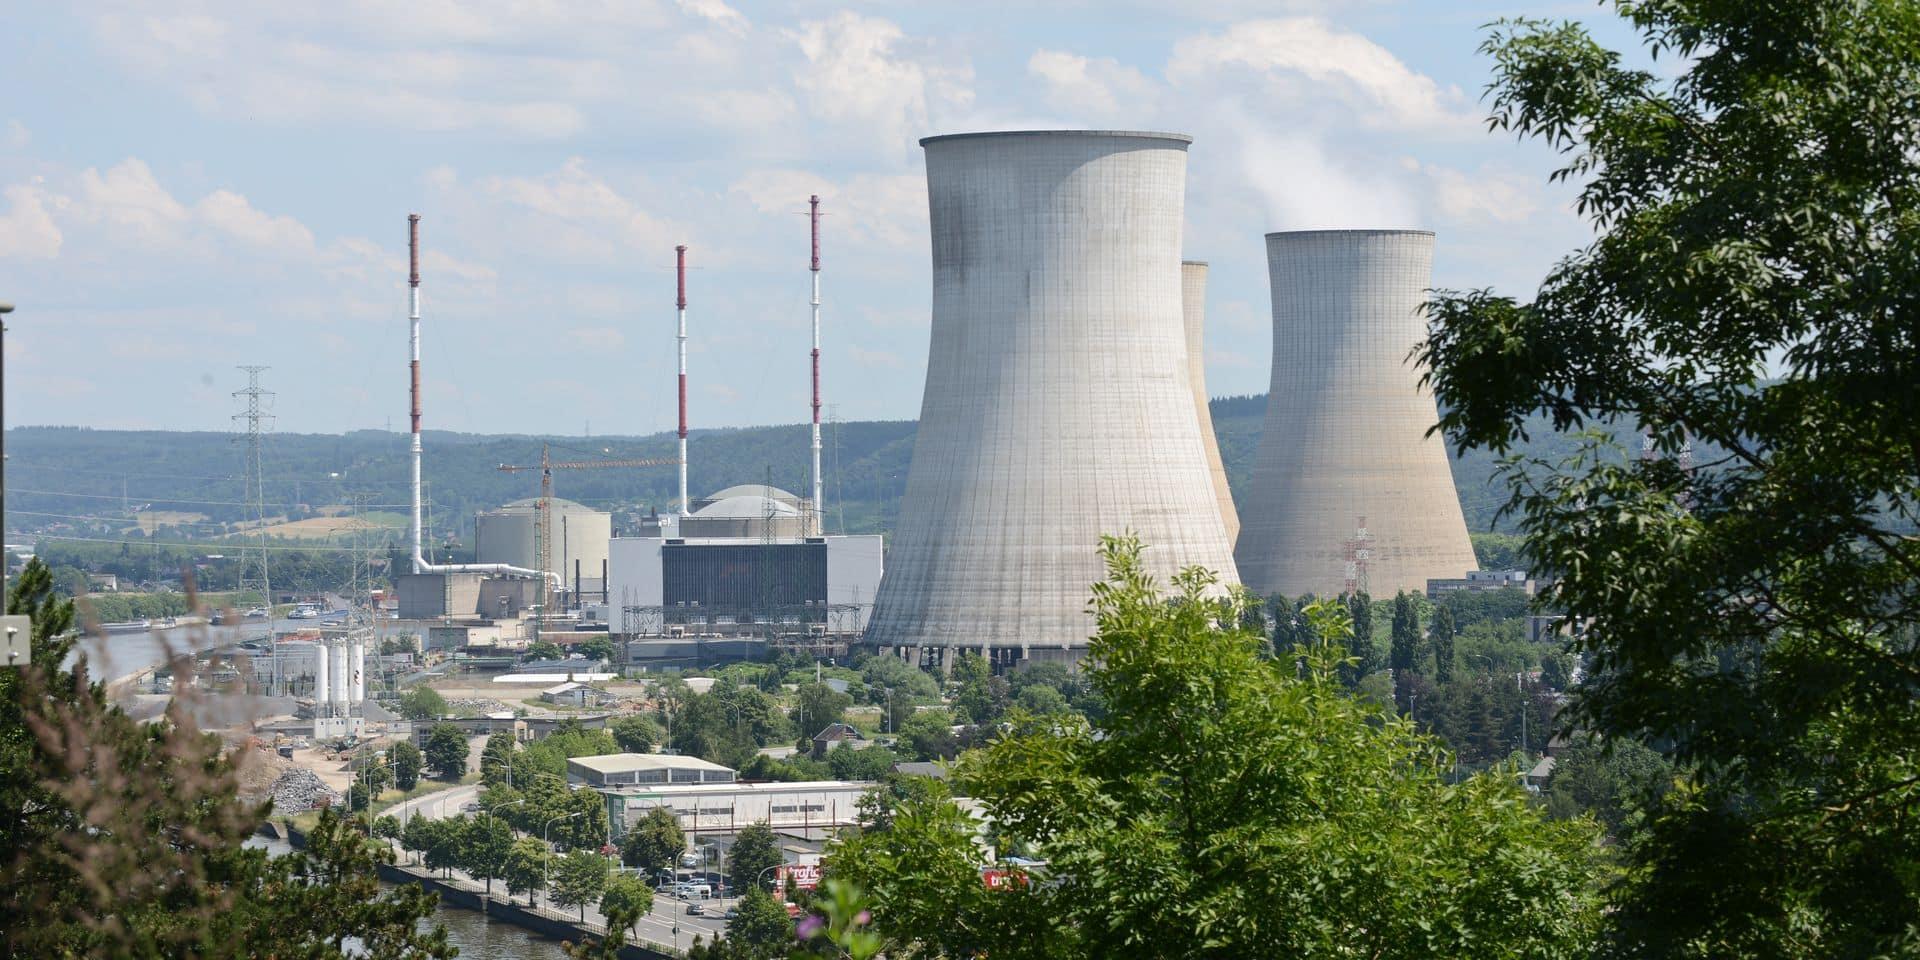 Huy - Centre nucléaire de Tihange